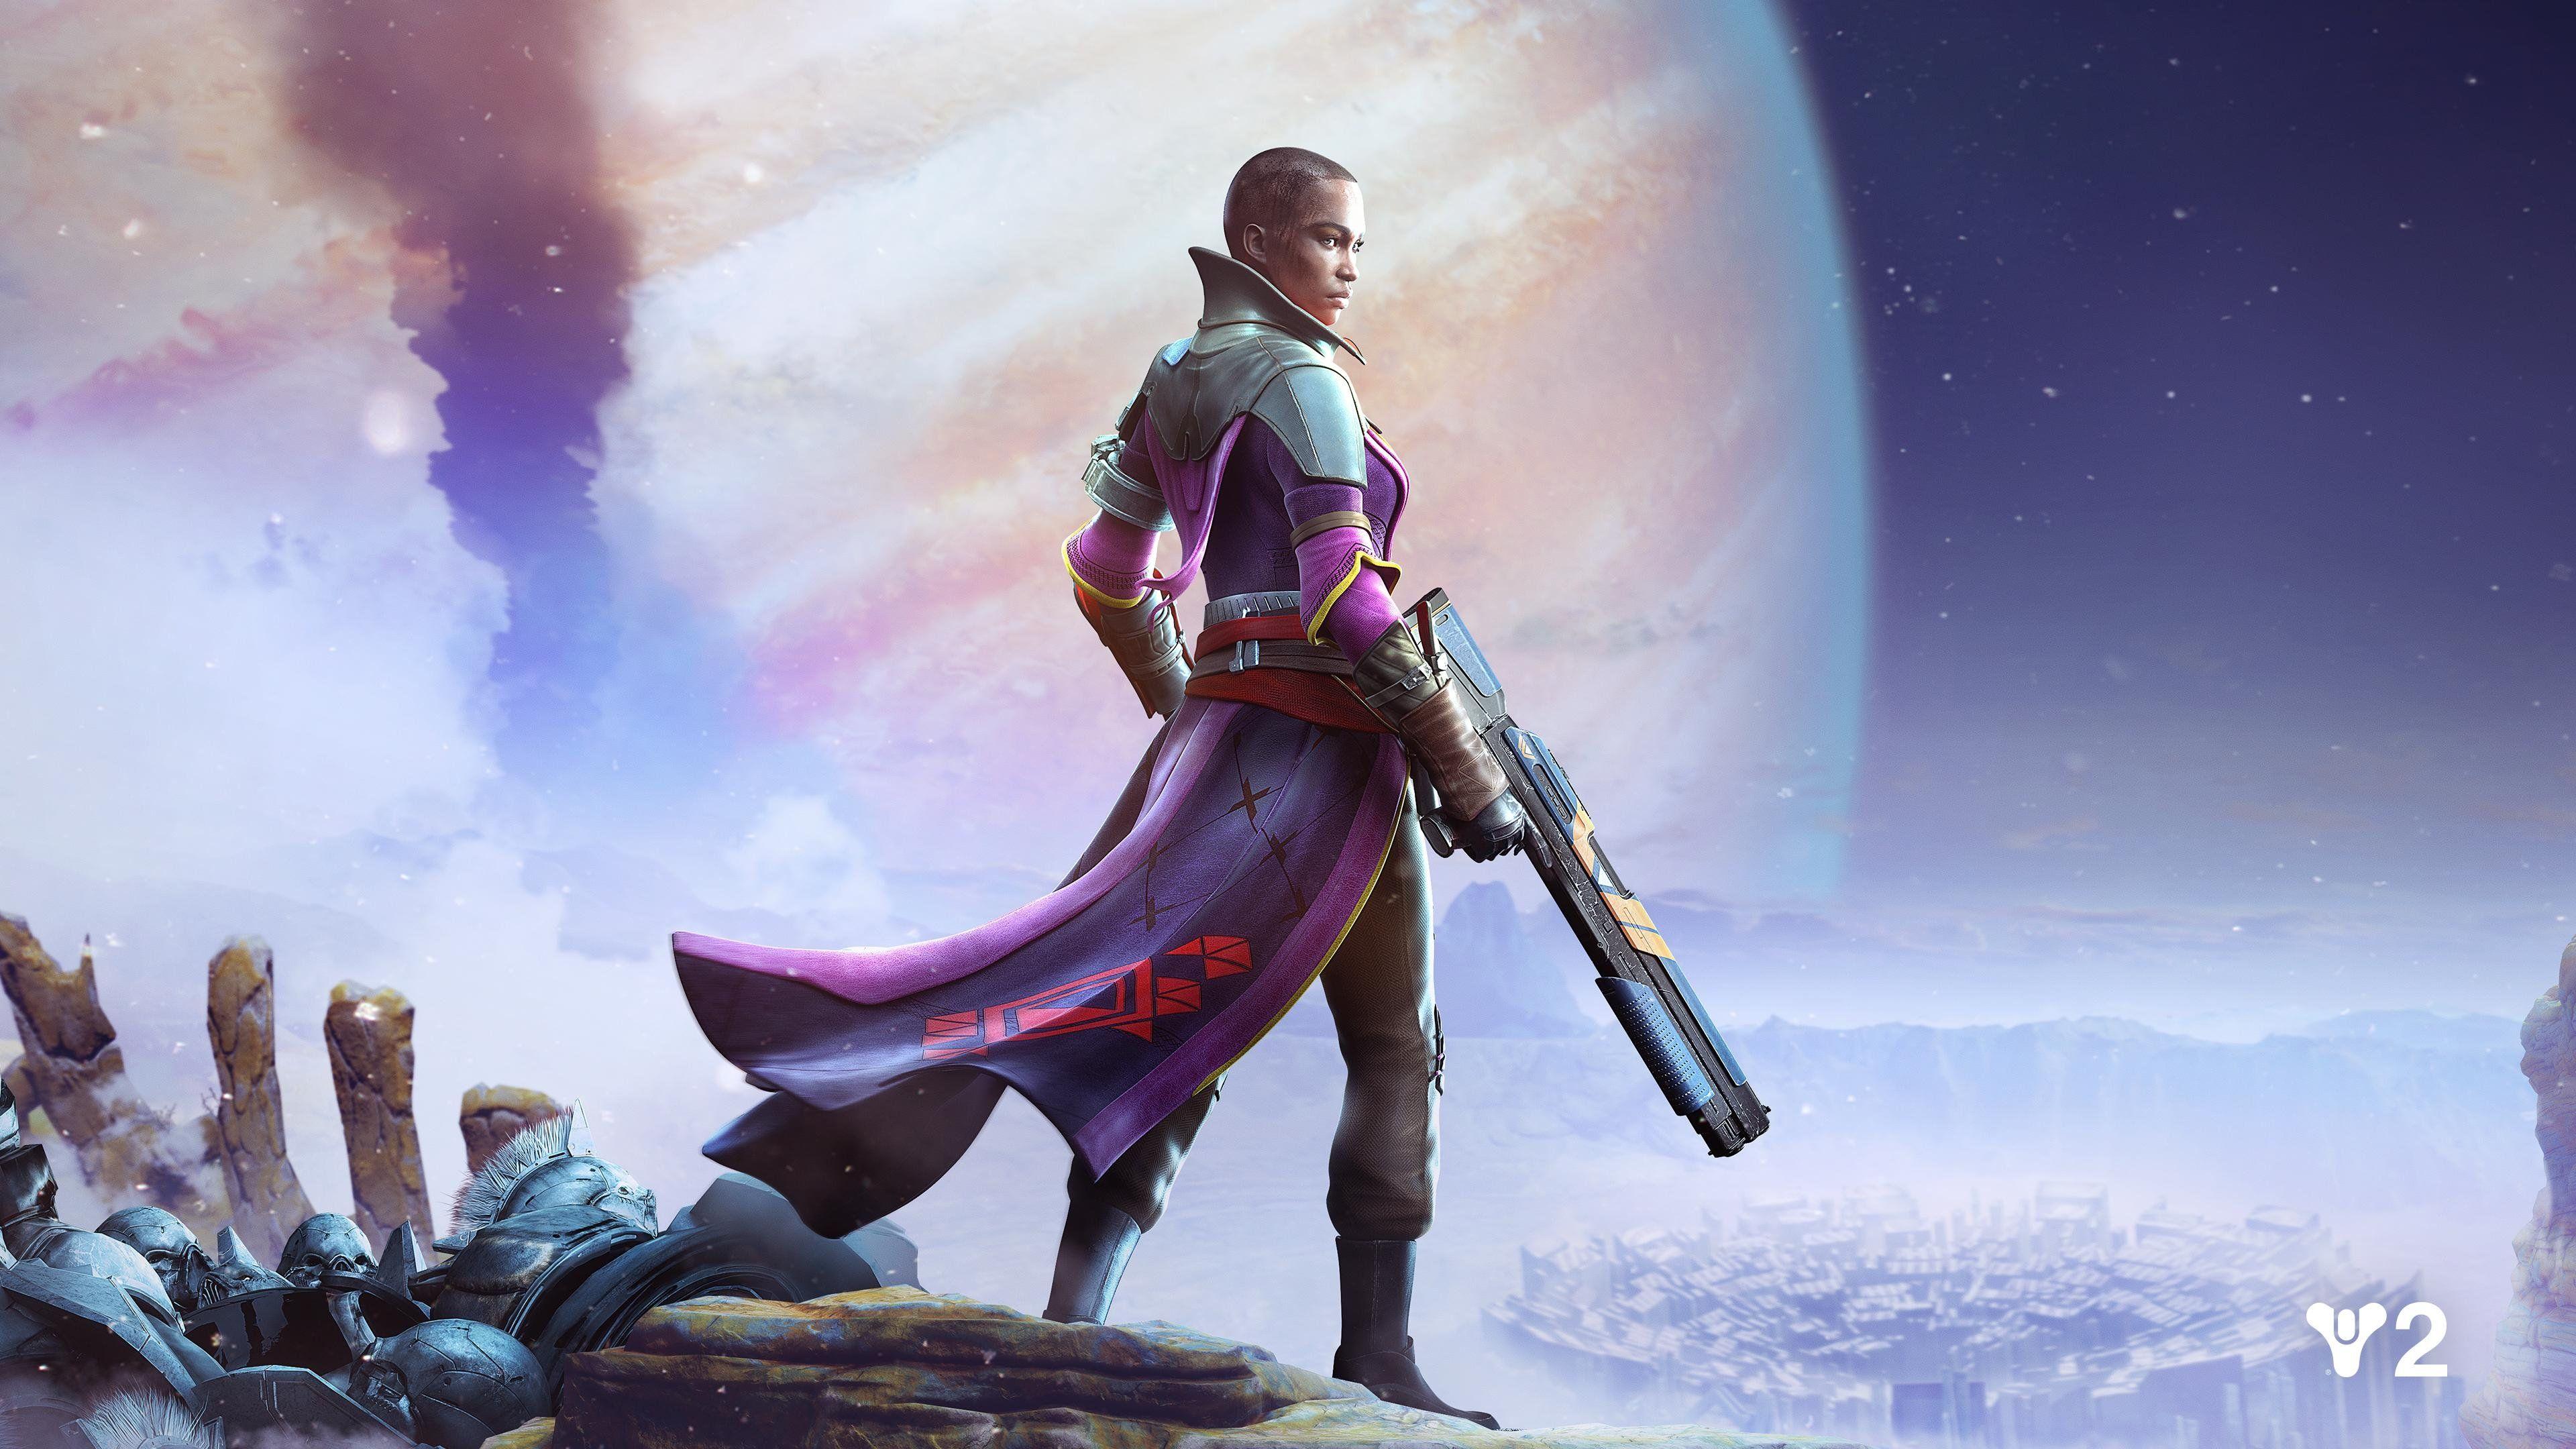 45602ba6d4c Destiny 2 Ikora Rey Wallpaper